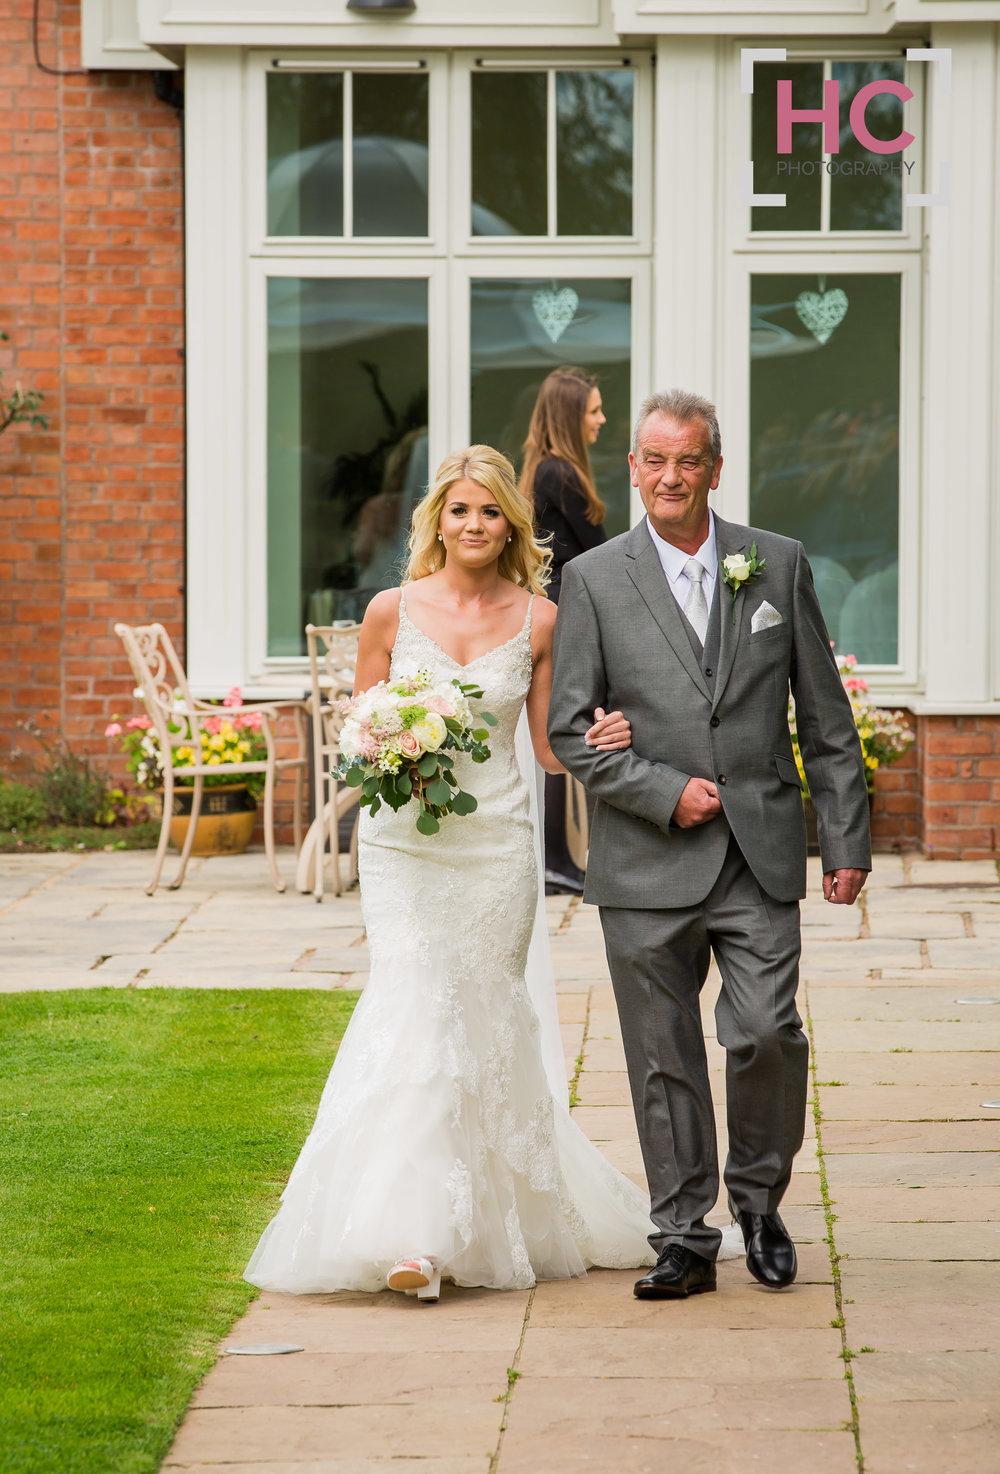 Laurence & Lindsay's Wedding_Helen Cotton Photography©29.JPG